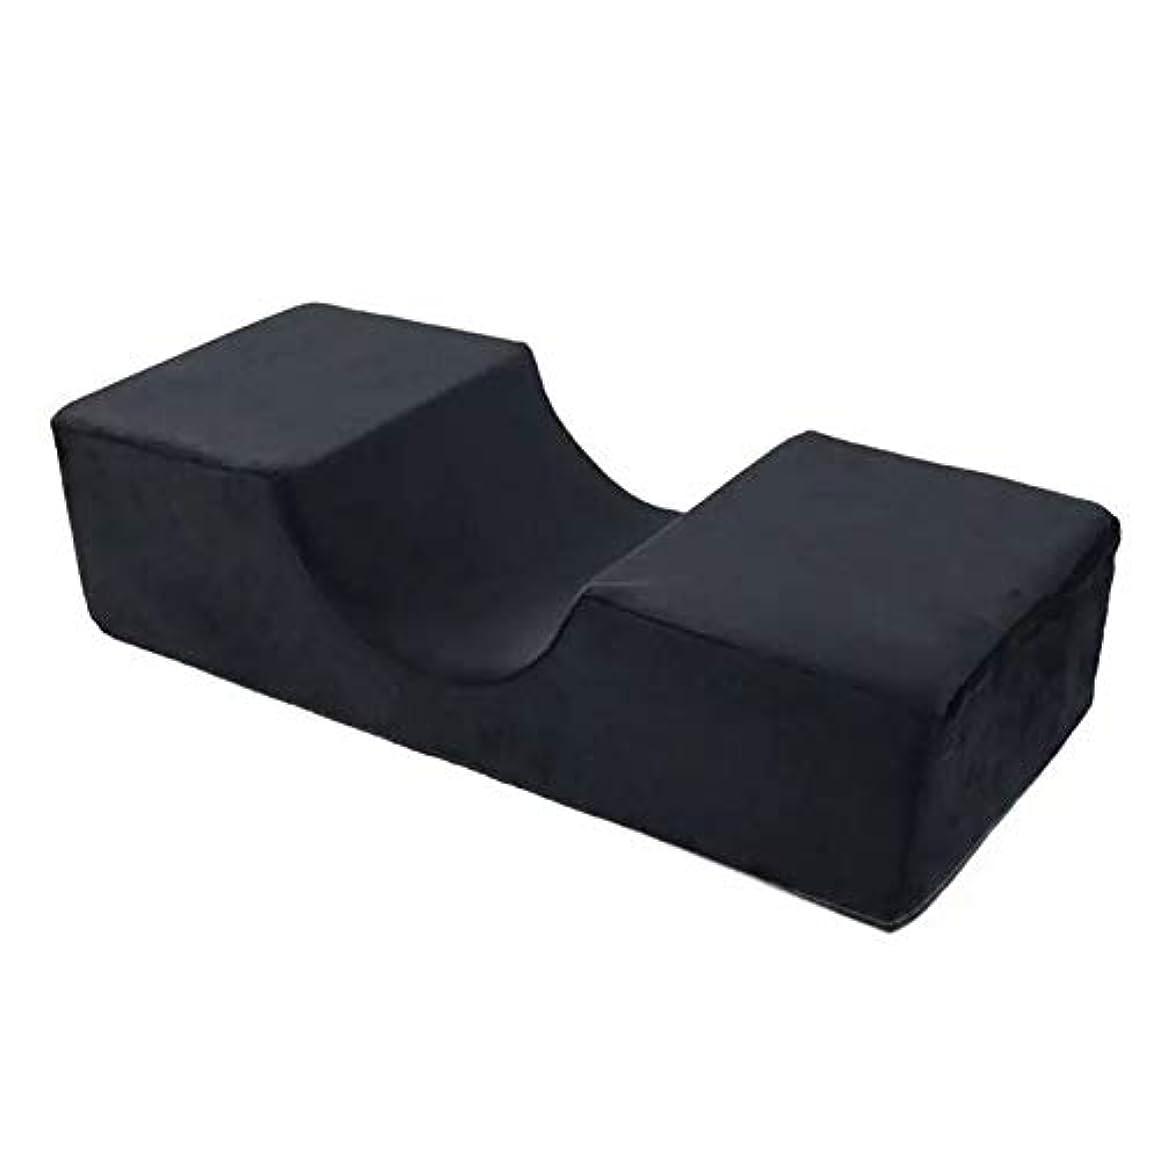 タービン包帯頼むまつげ枕シンプルツールサロン使用ネックフランネルエイドエクステンションカーブスタンドサポート特別なグラフトプロフェッショナルメモリフォーム人間工学に基づいた